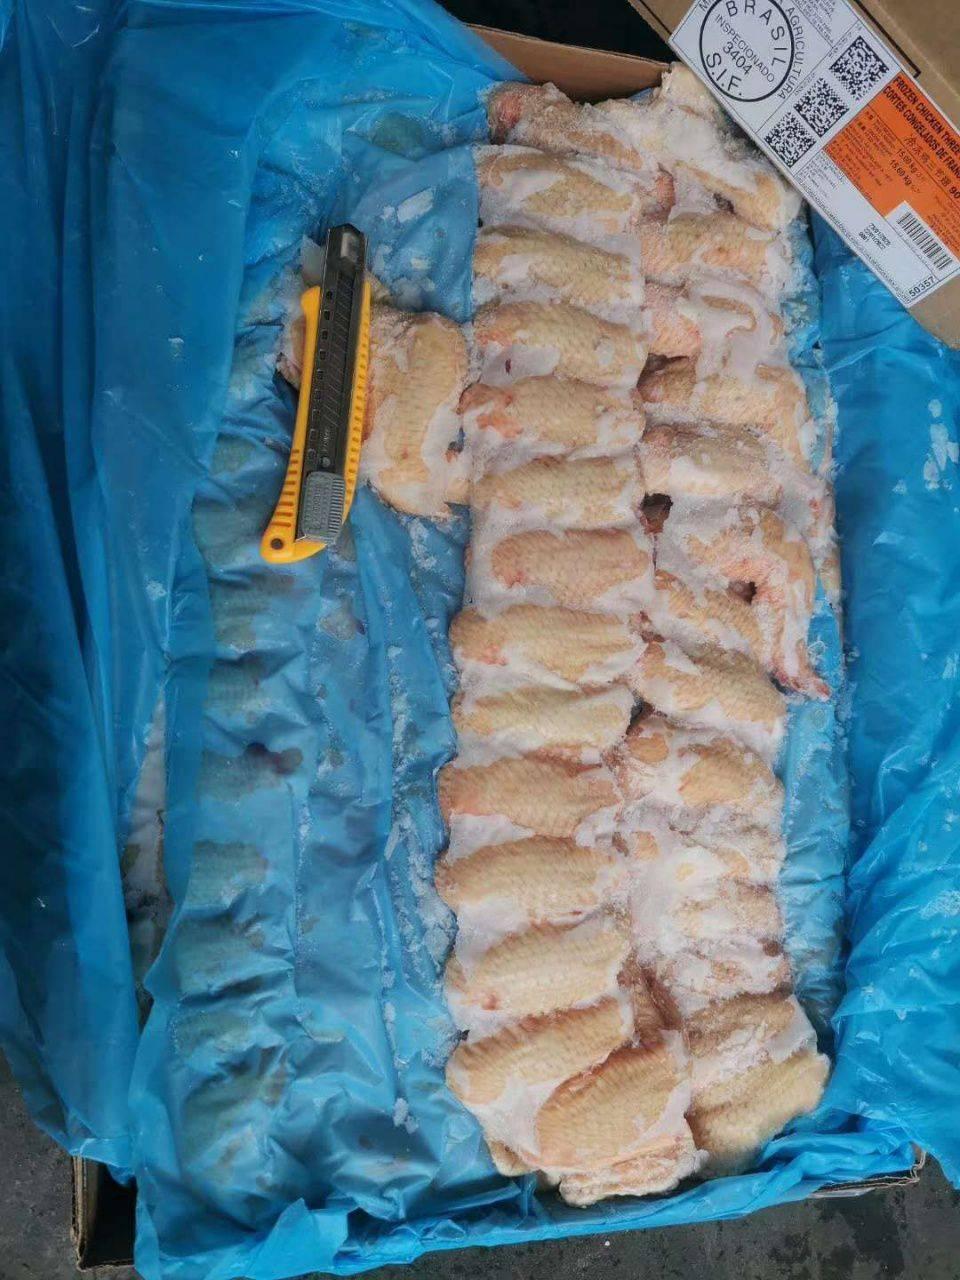 [鸡全翅批发]鸡全翅 排翅 15kg一件价格355元/件